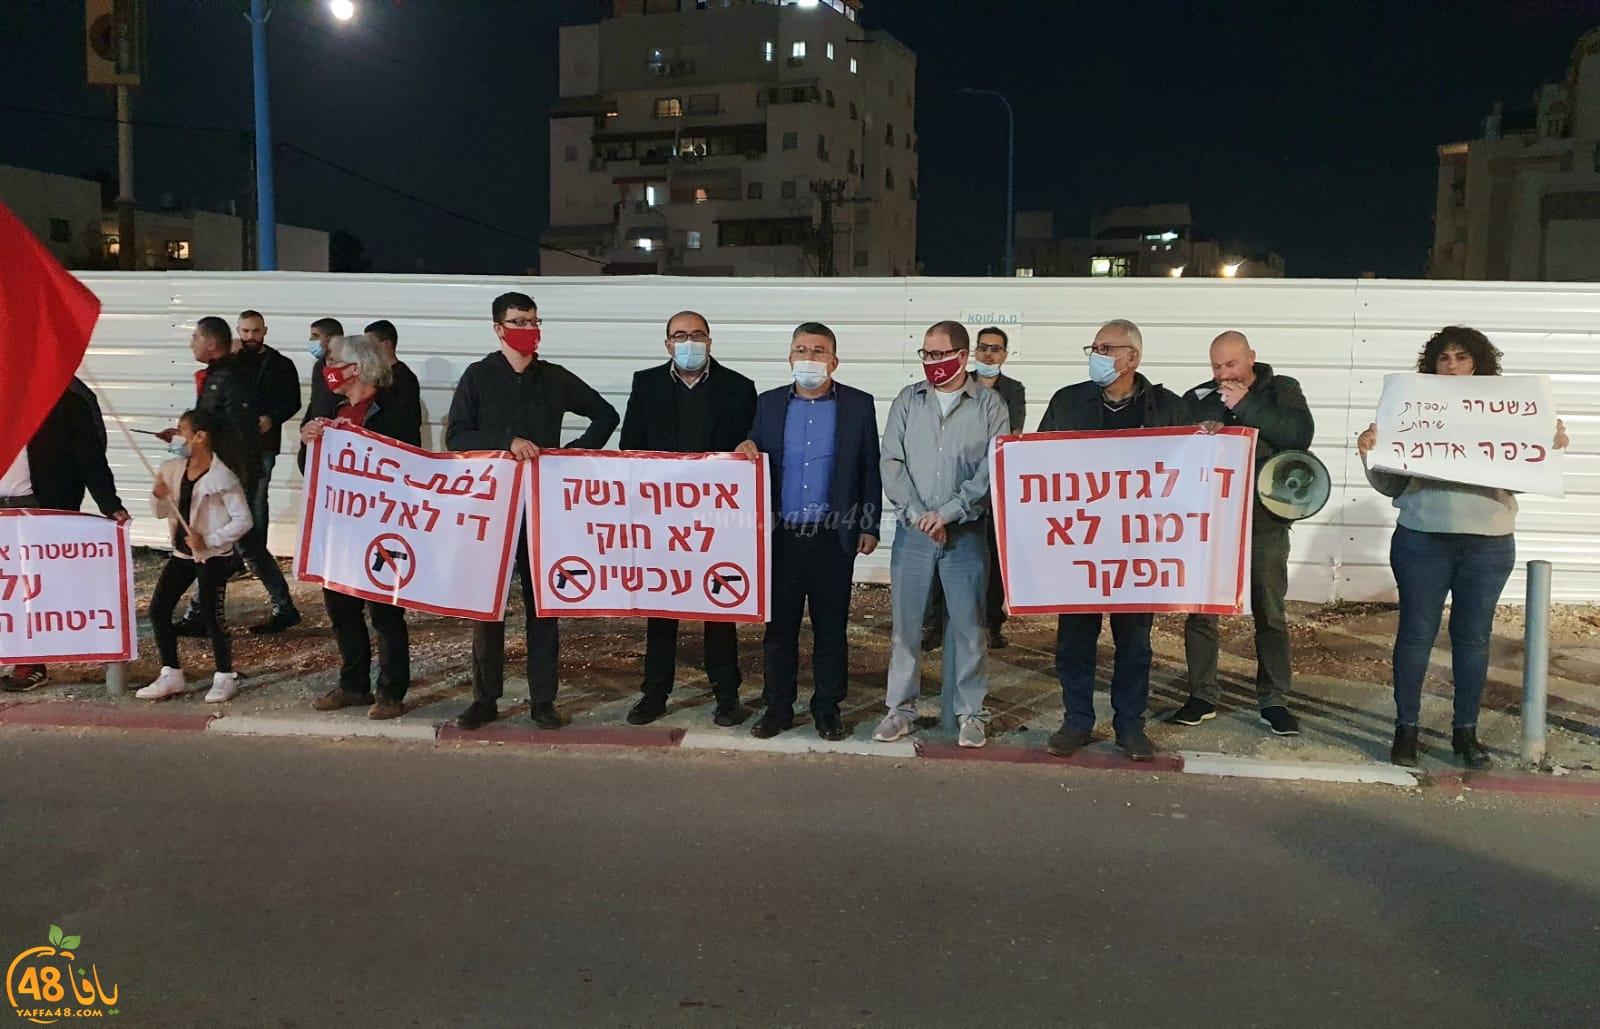 تظاهرة أمام محطة الشرطة في اللد اثر تزايد العنف والجريمة بالمدينة